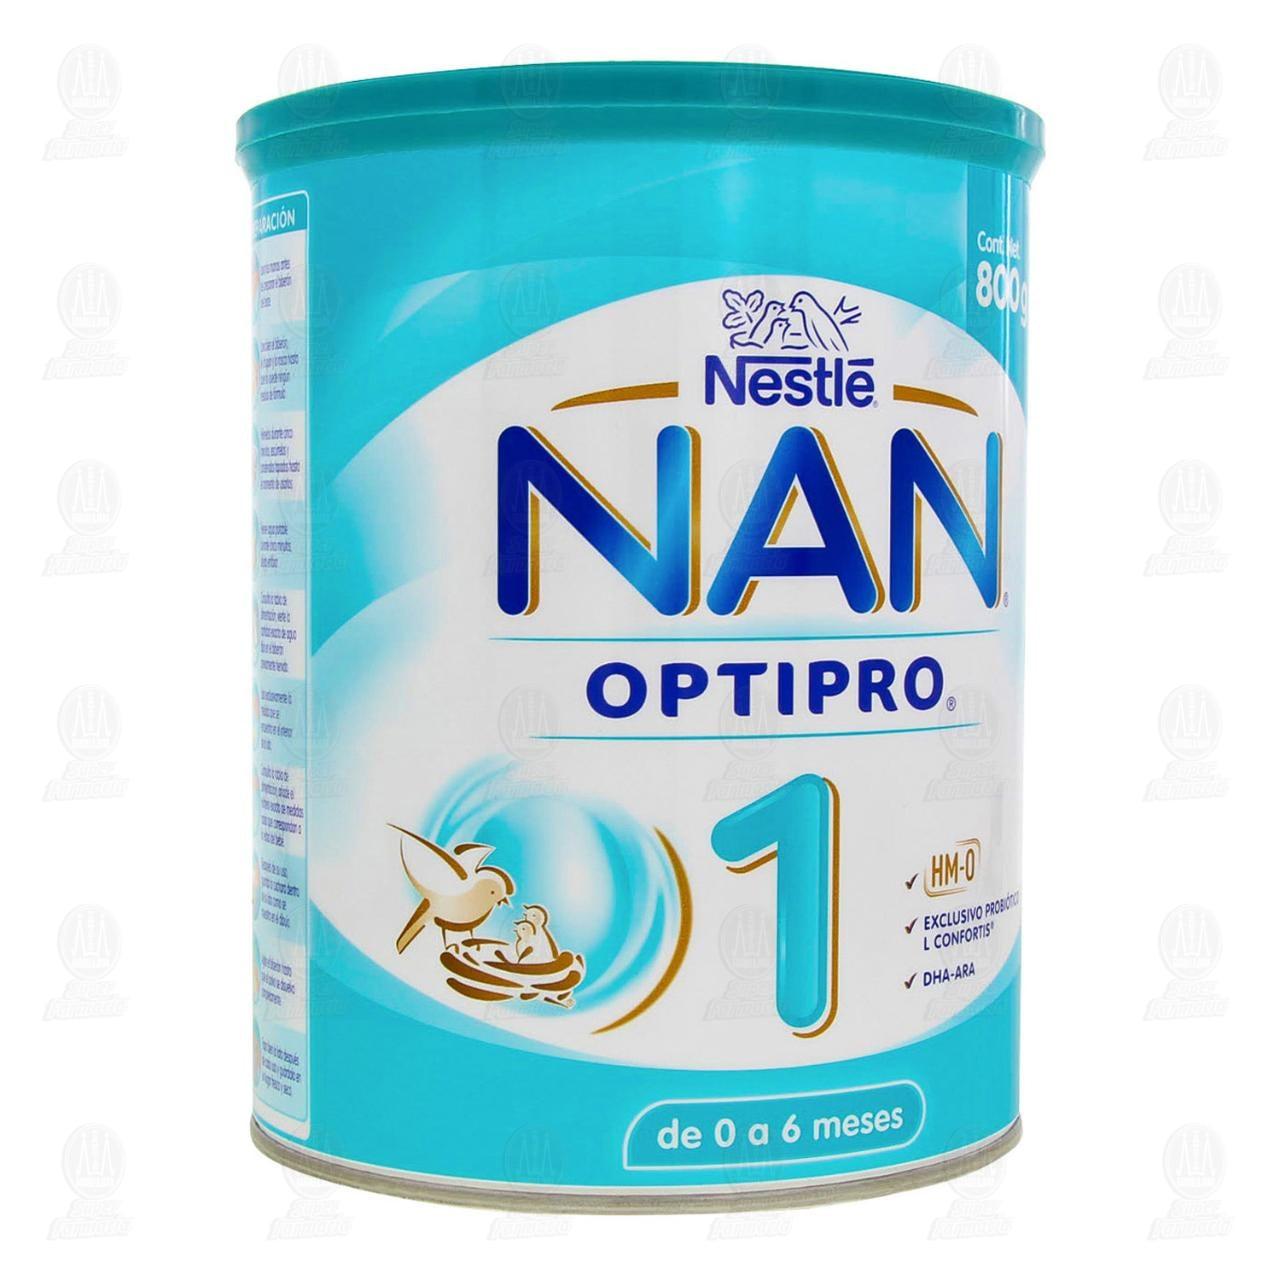 Fórmula Infantil Nestlé Nan Optipro 1 en Polvo (Edad 0-6 Meses), 800 gr.